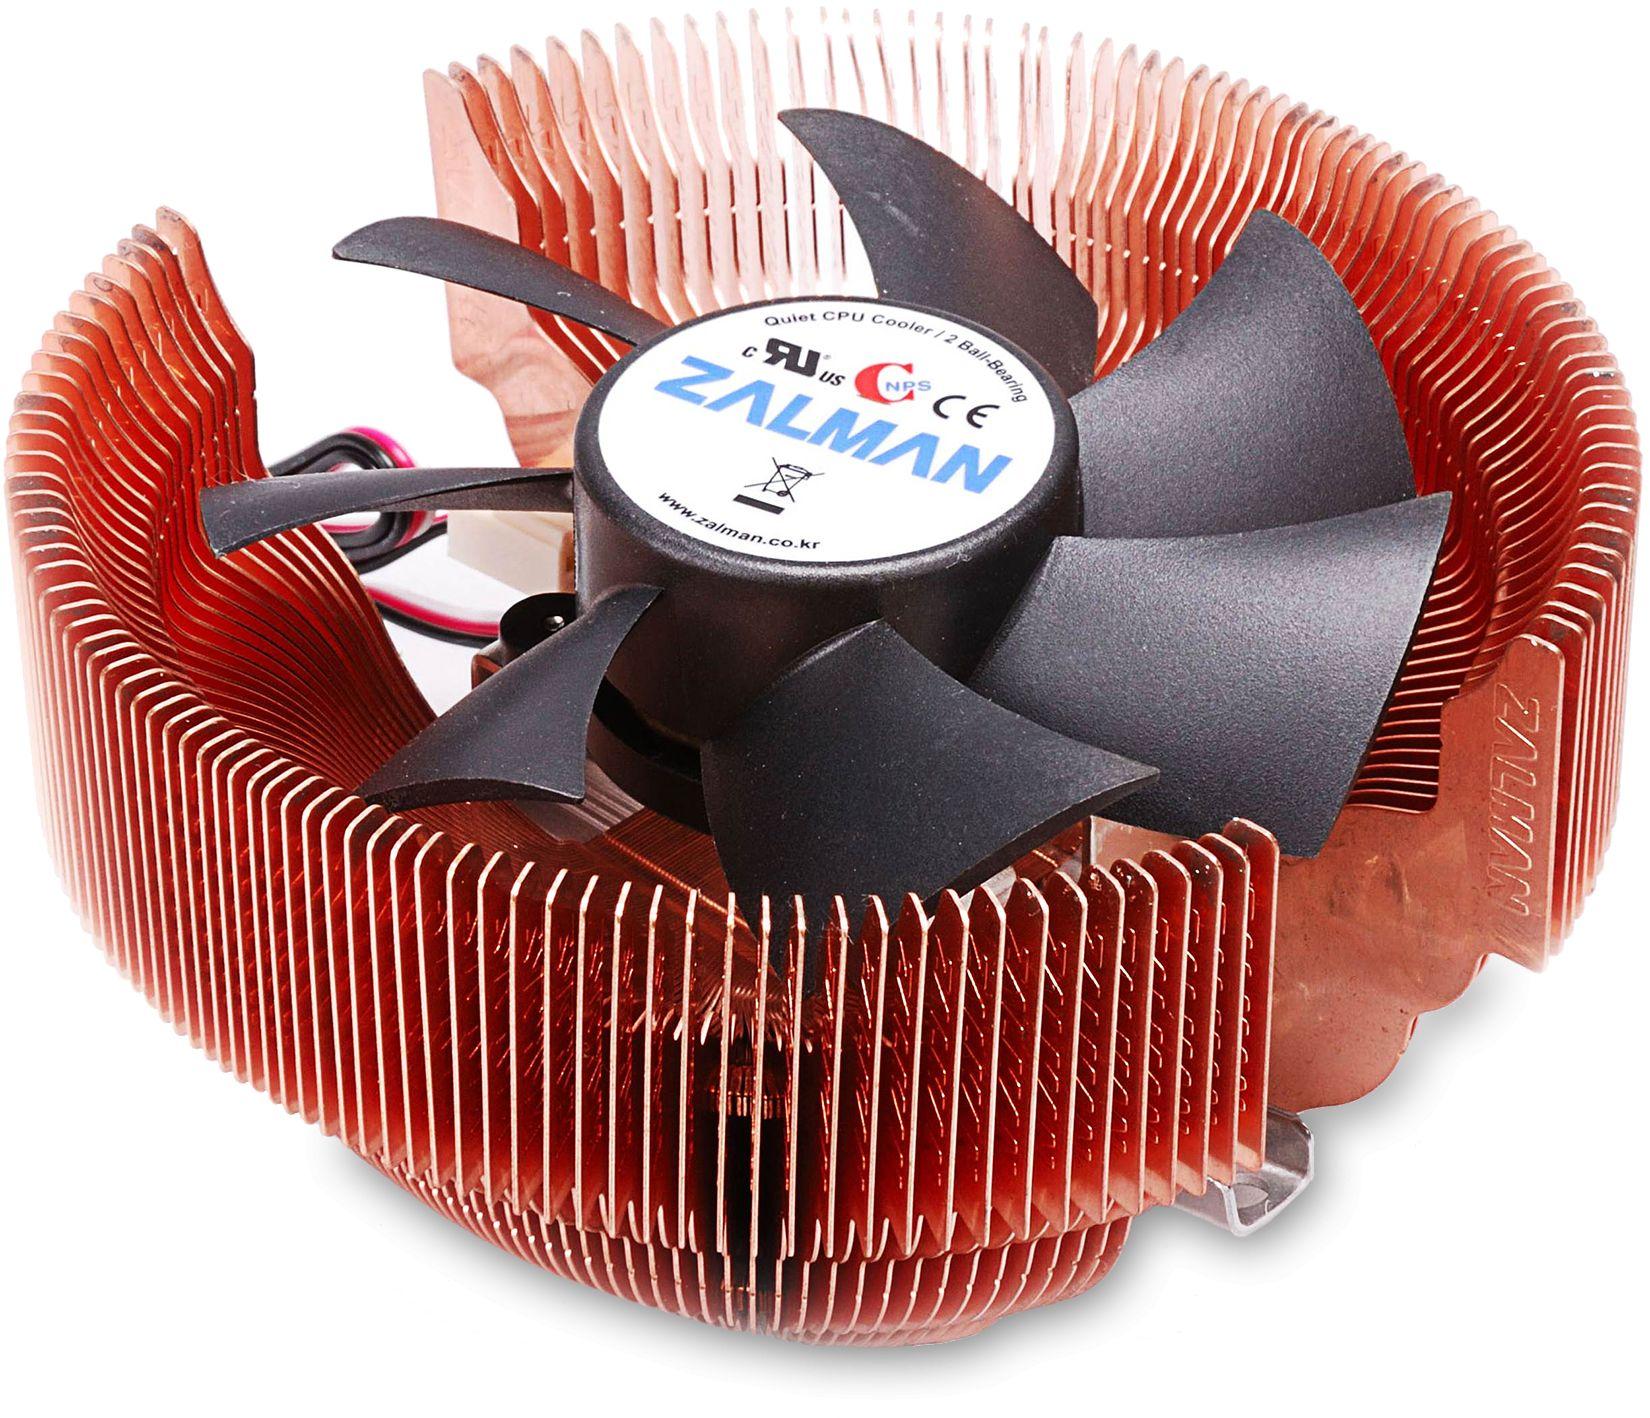 Zalman Cnps7000c Super Flower Cooler